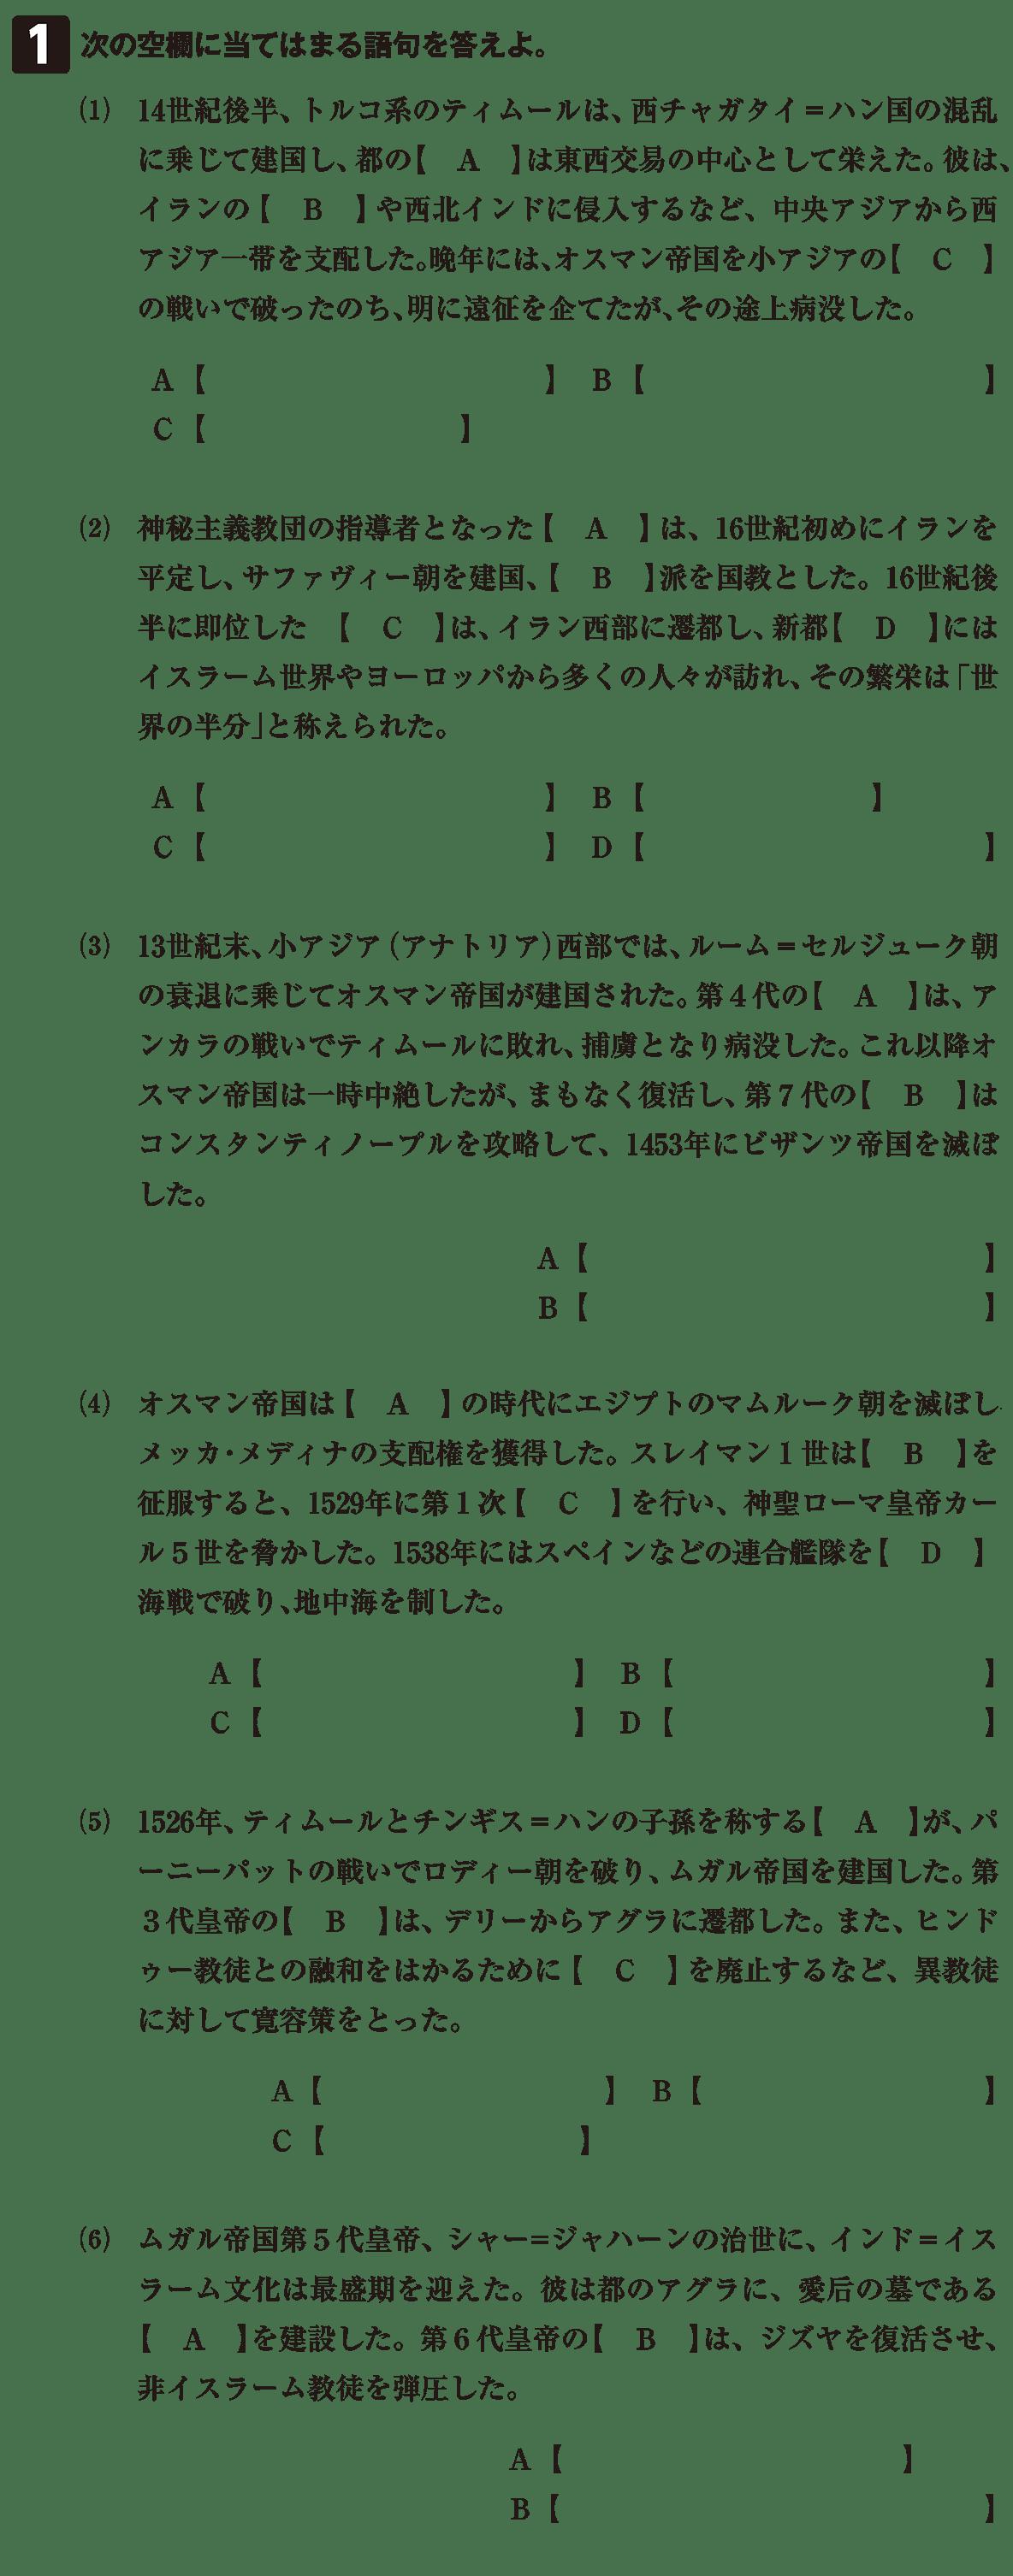 高校世界史 イスラーム世界の繁栄4 確認テスト(前半)